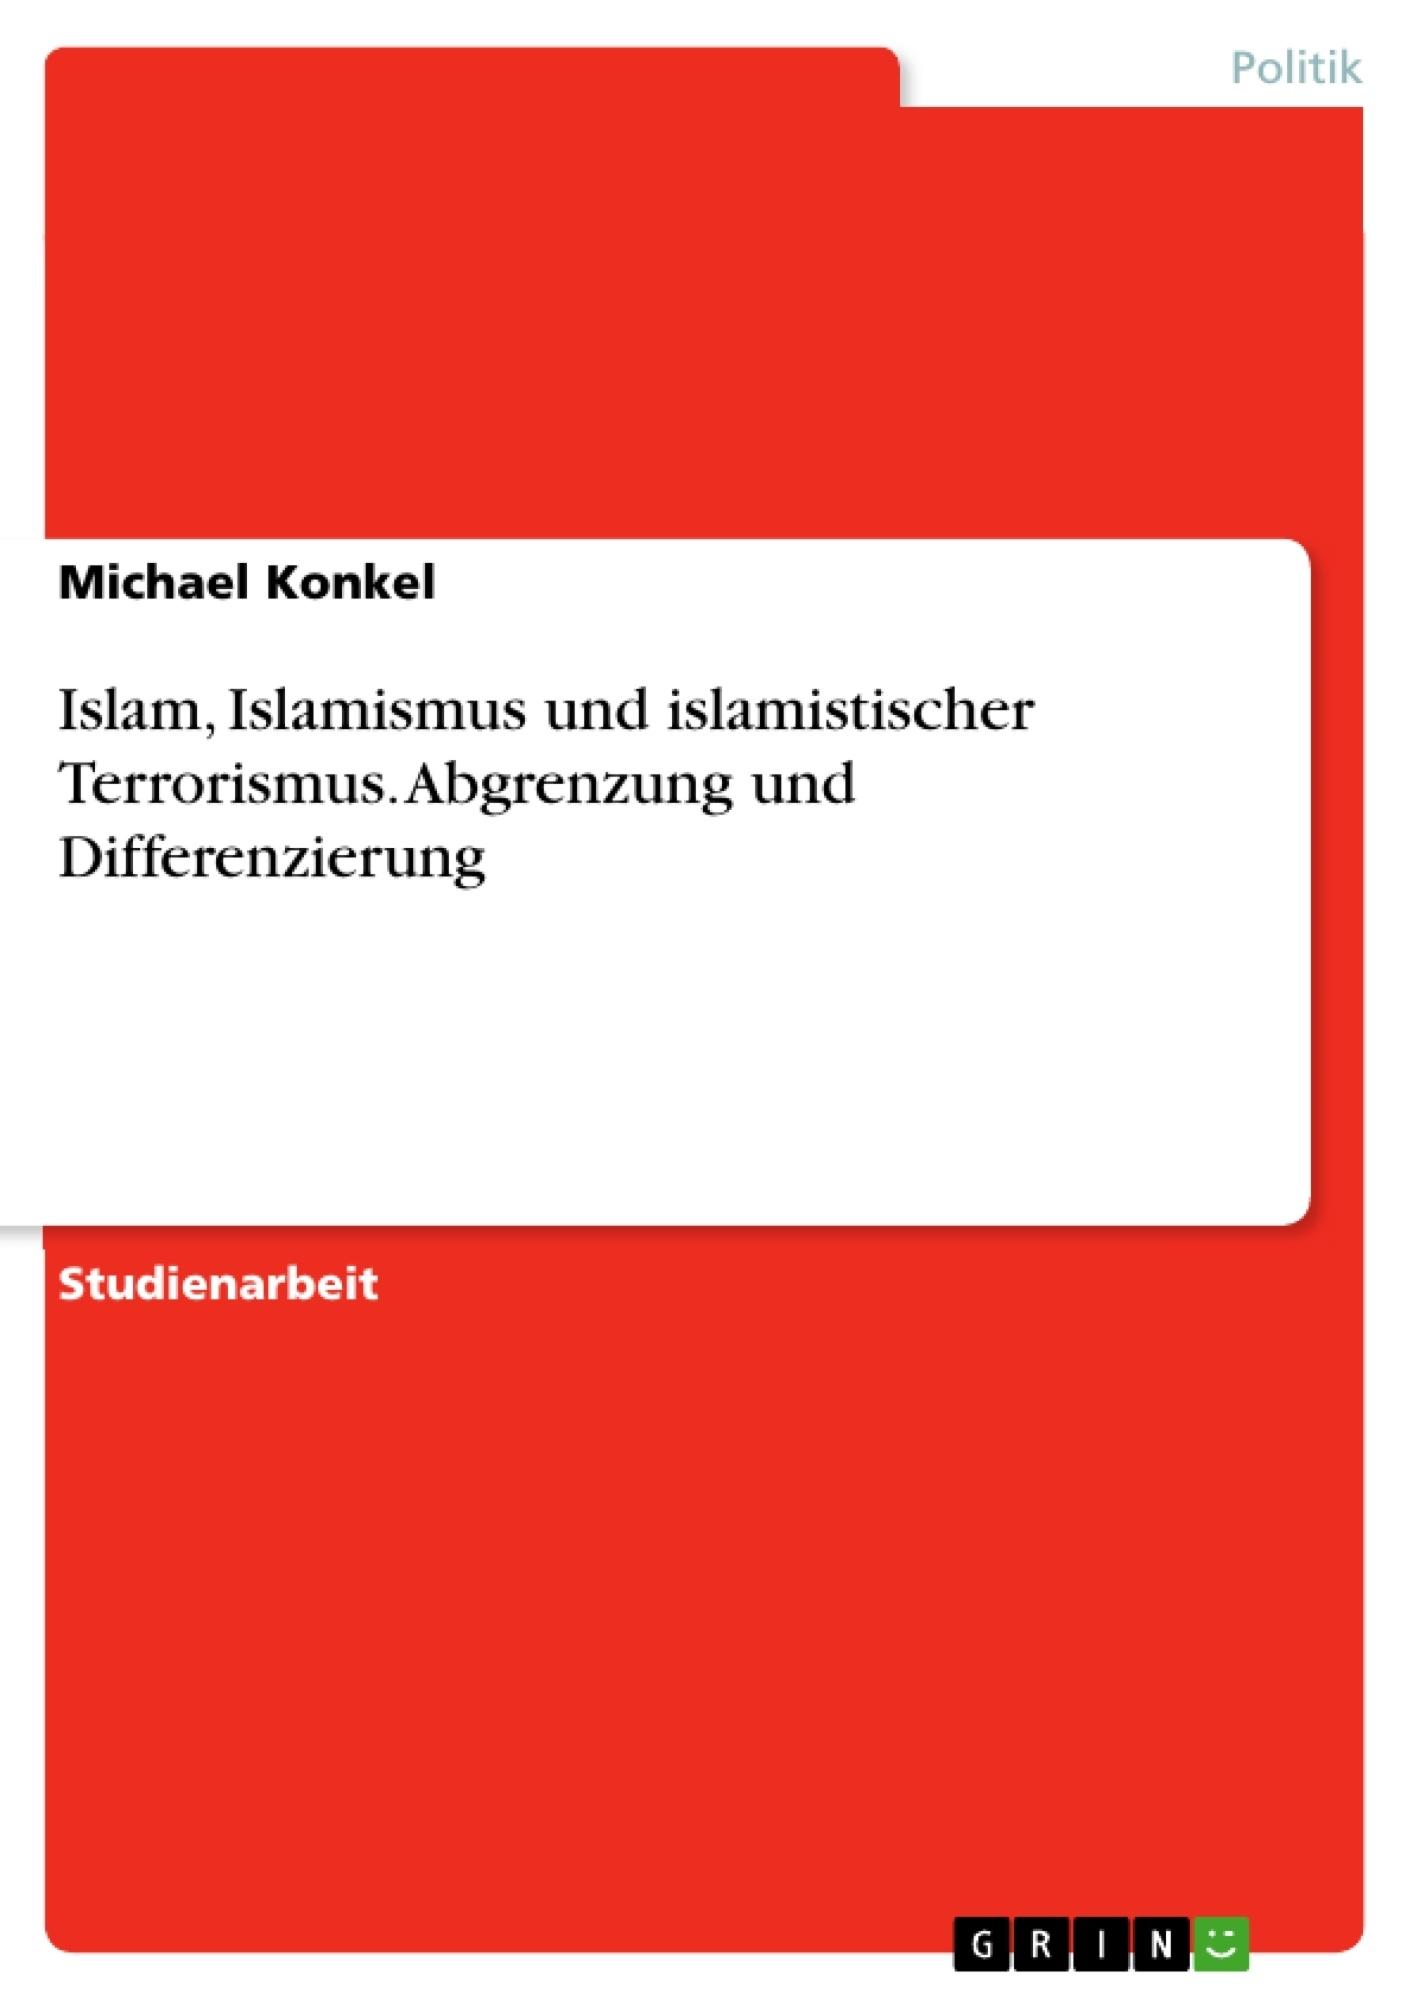 Titel: Islam, Islamismus und islamistischer Terrorismus. Abgrenzung und Differenzierung